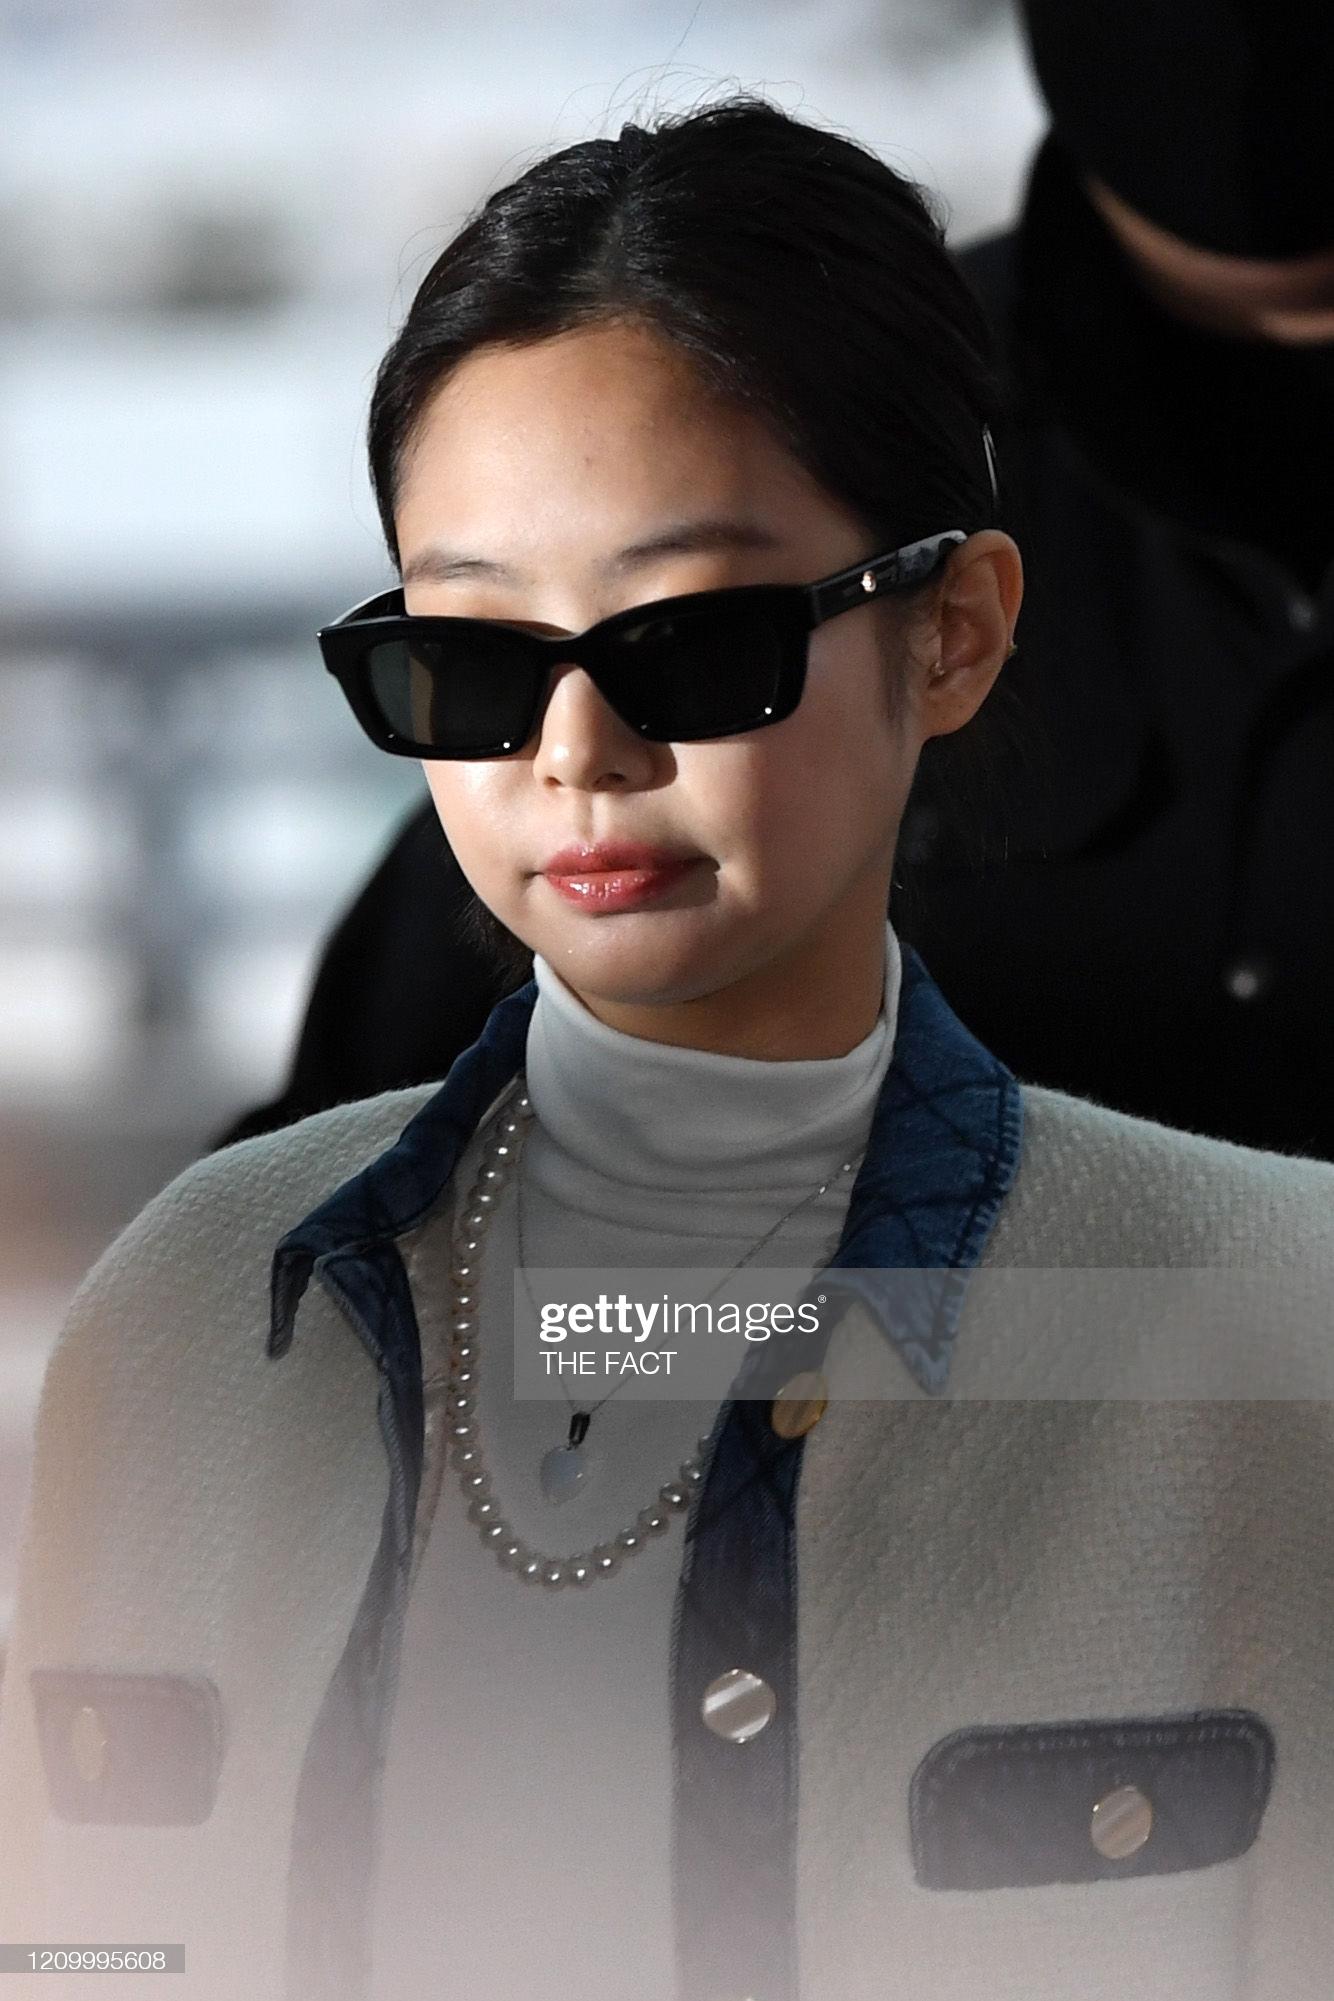 Sao Hàn dưới ống kính Getty Images: Người khiến hung thần sợ ngược vì makeup đỉnh, kéo xuống cuối lại thấy sầu đời - Ảnh 4.